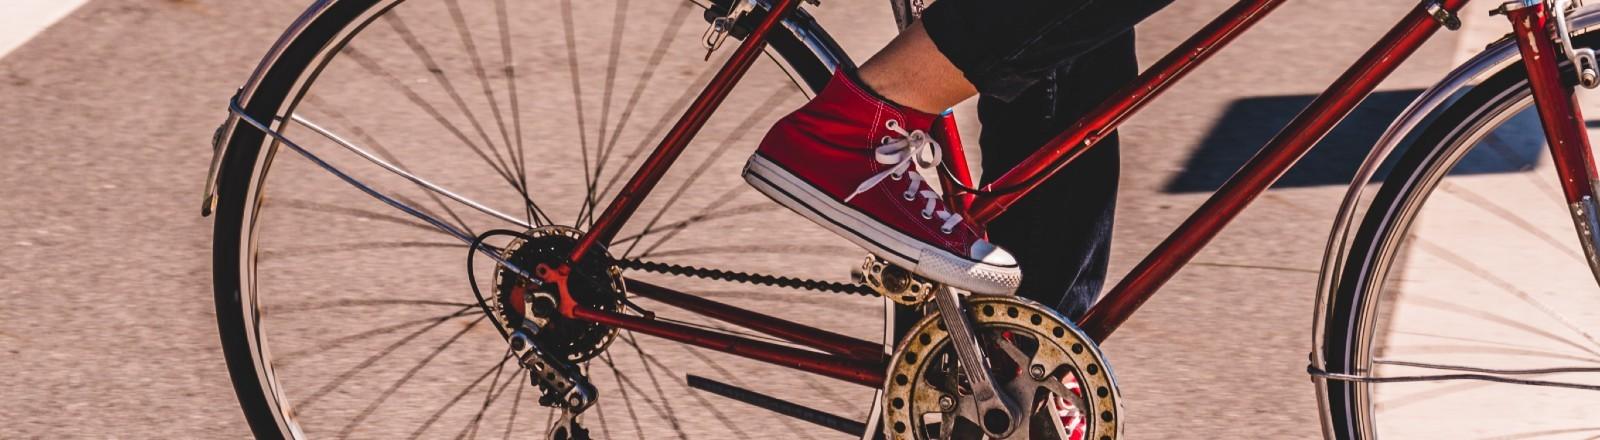 Eine Frau fährt Fahrrad.